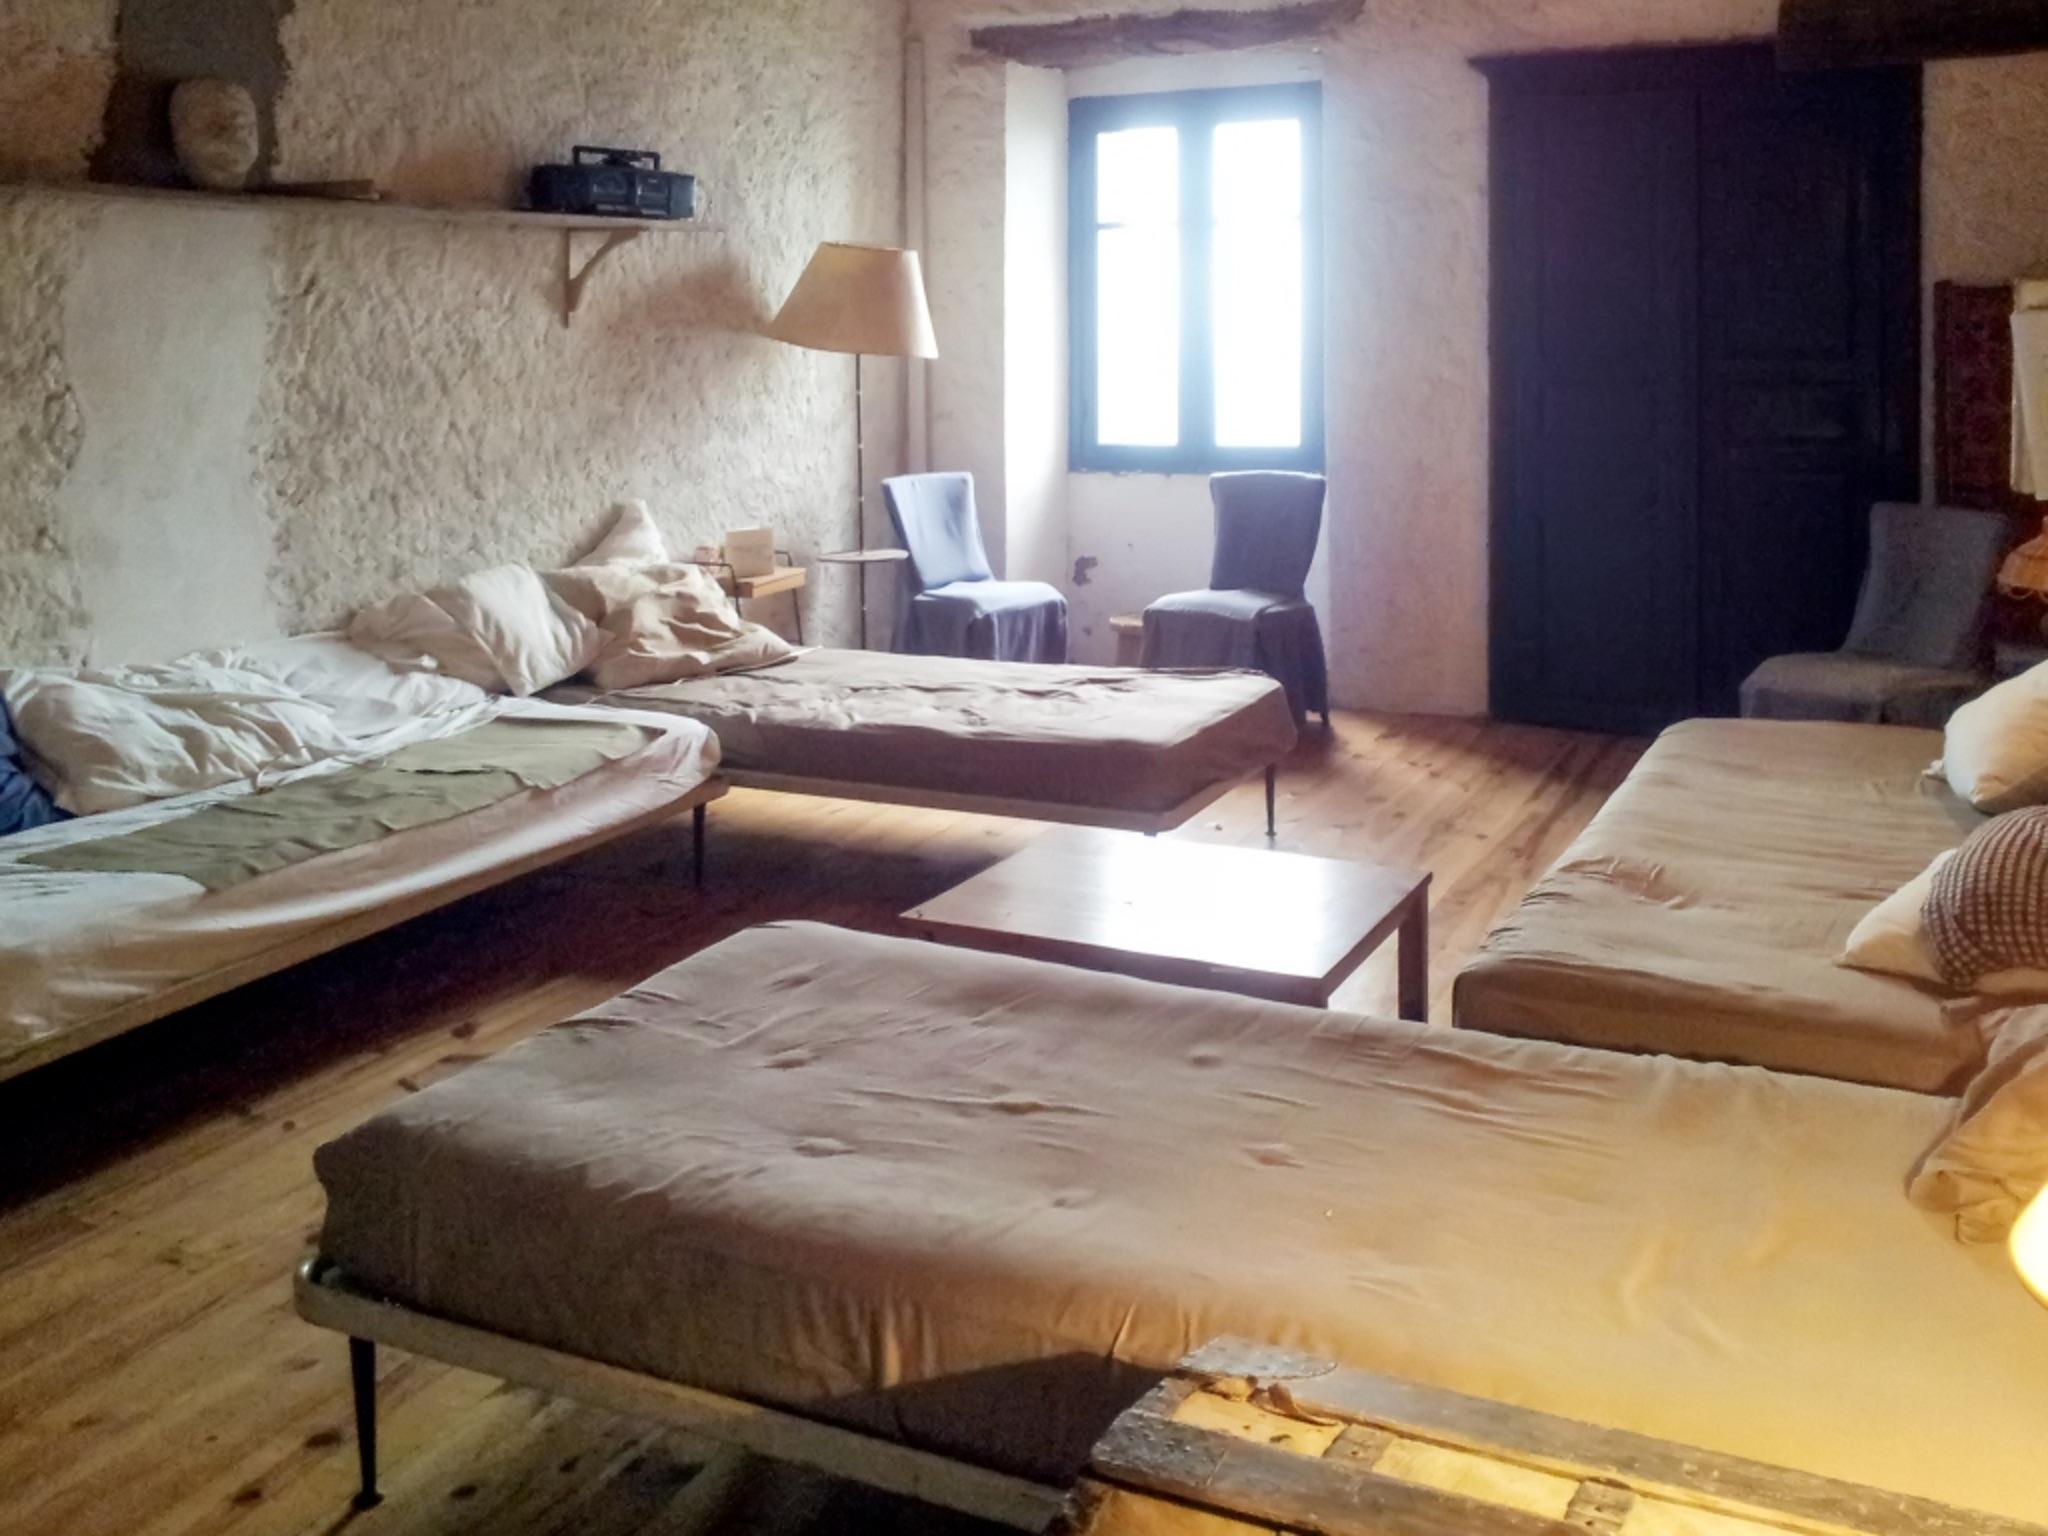 Ferienhaus Herrliches Haus mit neun Schlafzimmern und grandiosem Blick aufs Meer im hübschen Dörfchen (2202571), Centuri, Nordkorsika, Korsika, Frankreich, Bild 13